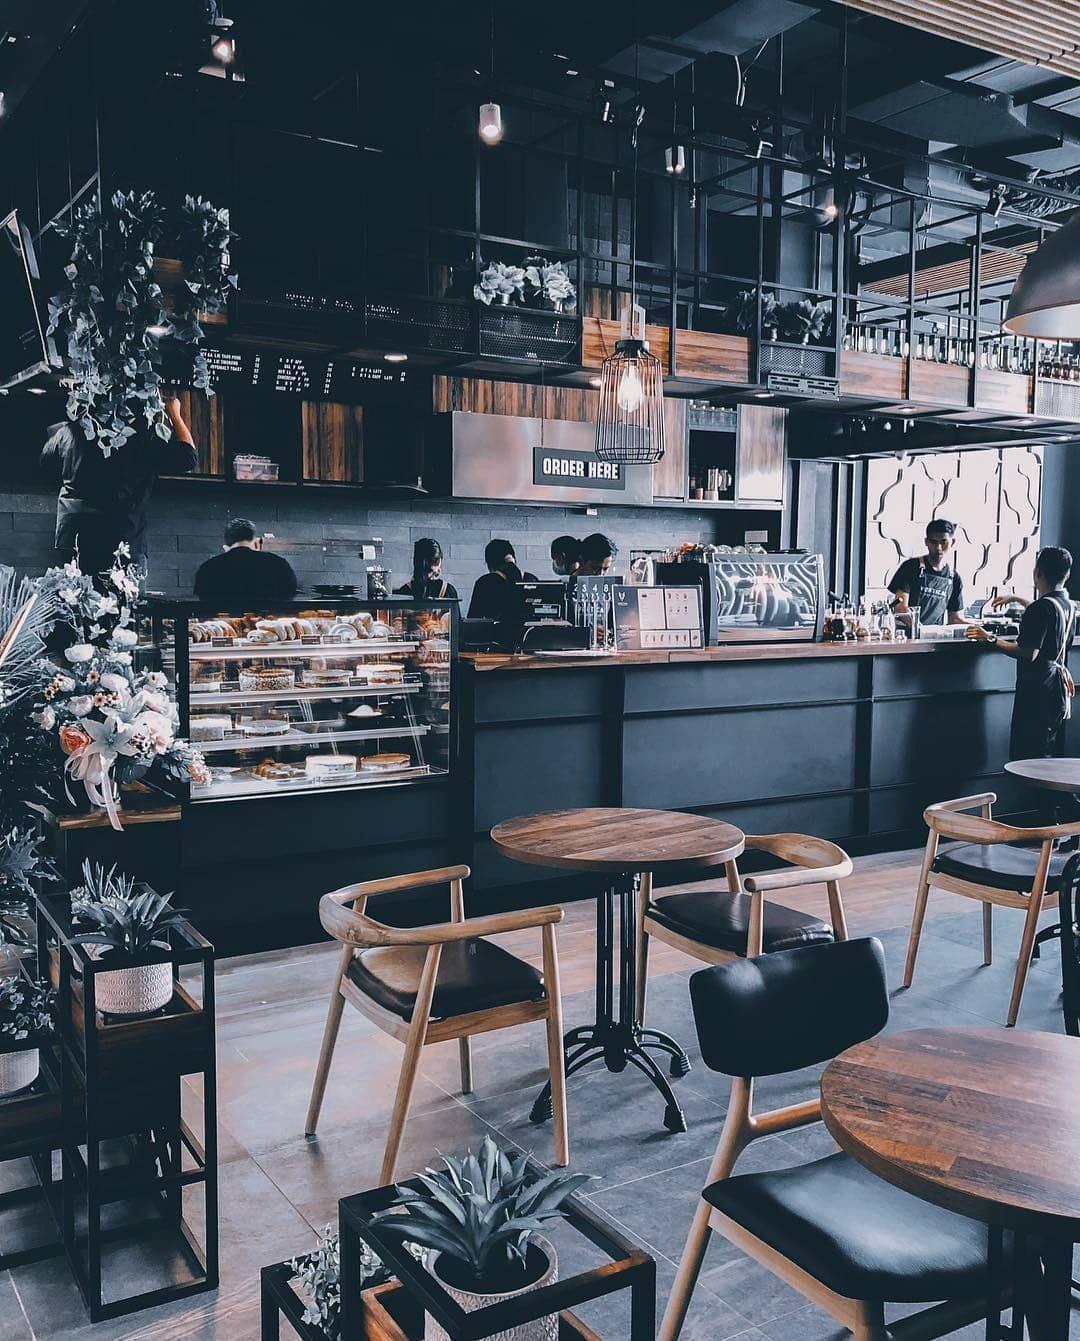 5 Phong cách quán cafe hot nhất hiện nay thiet ke quan cafe cong nghiep 1